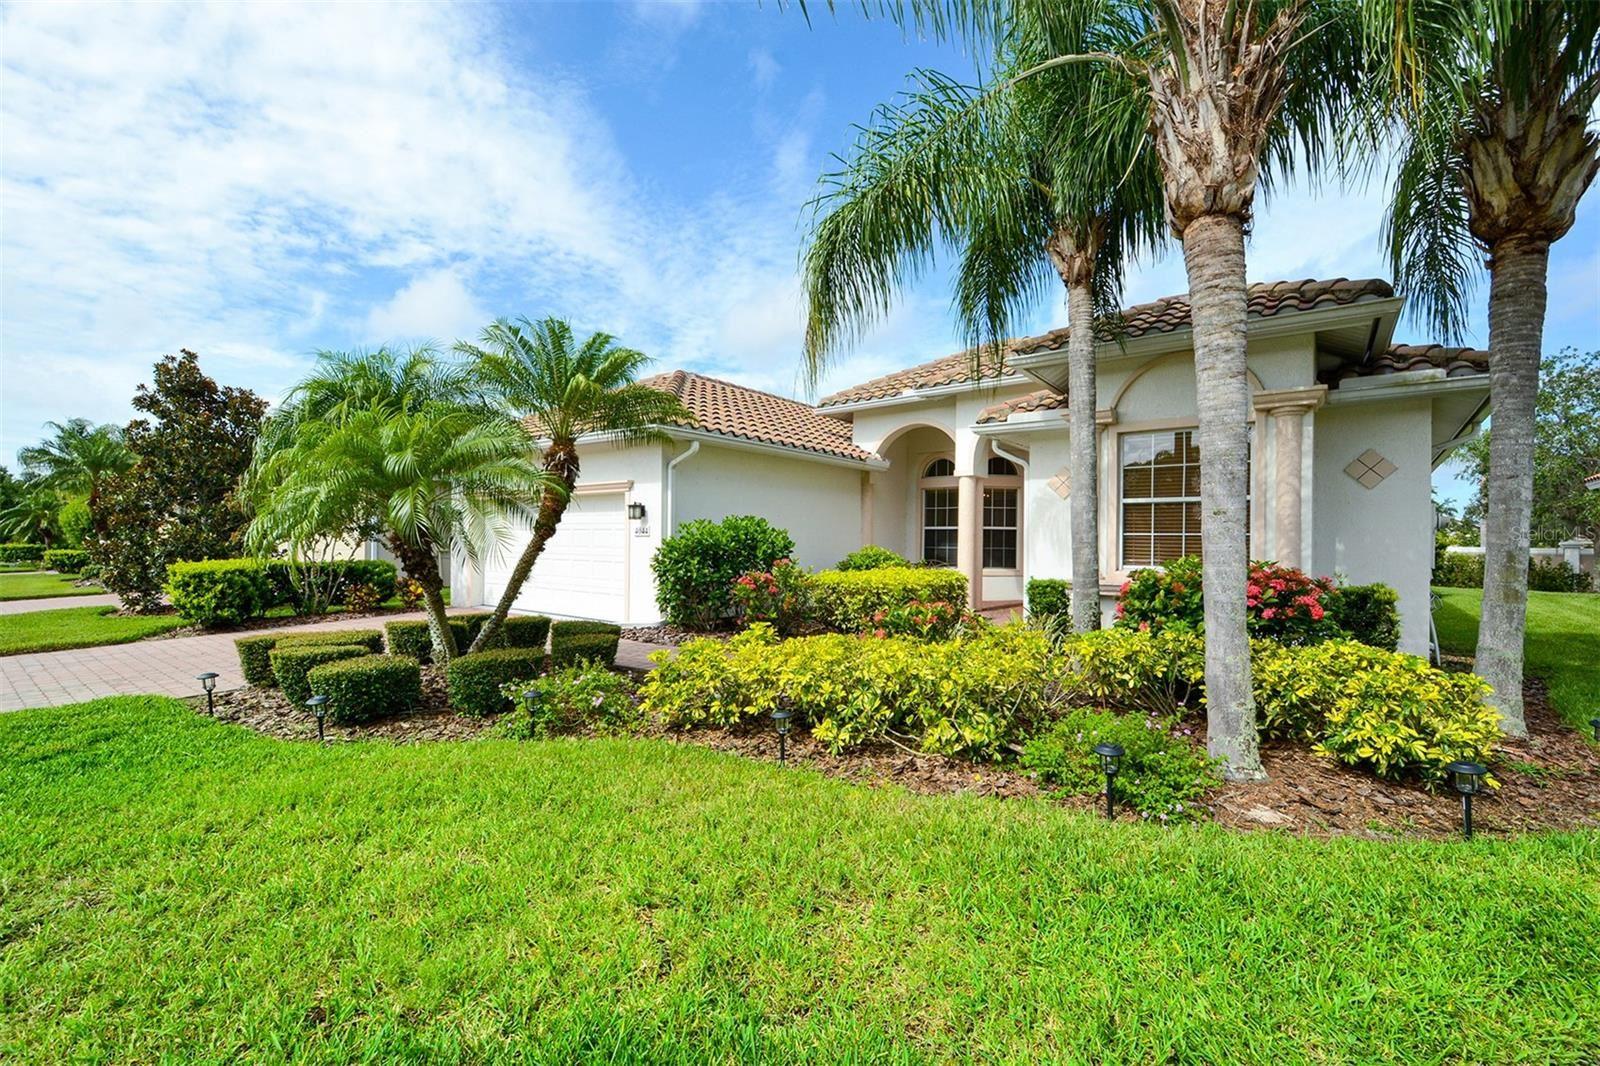 4044 65TH PLACE E, Sarasota, FL 34243 - #: A4504842